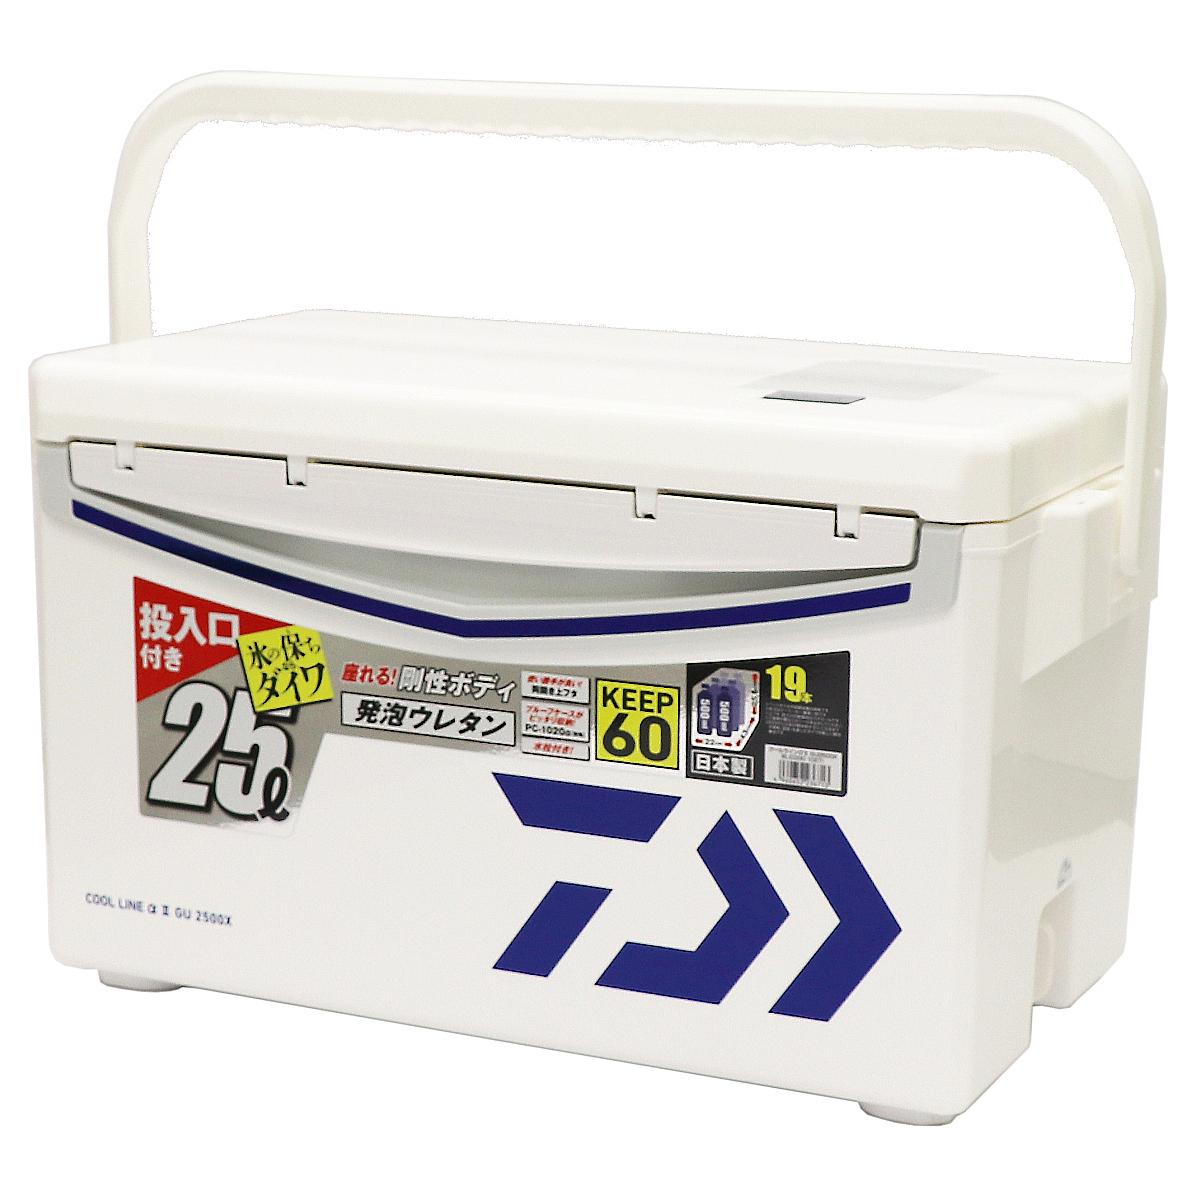 ダイワ クールラインα II GU 2500X ブルー クーラーボックス【送料無料】